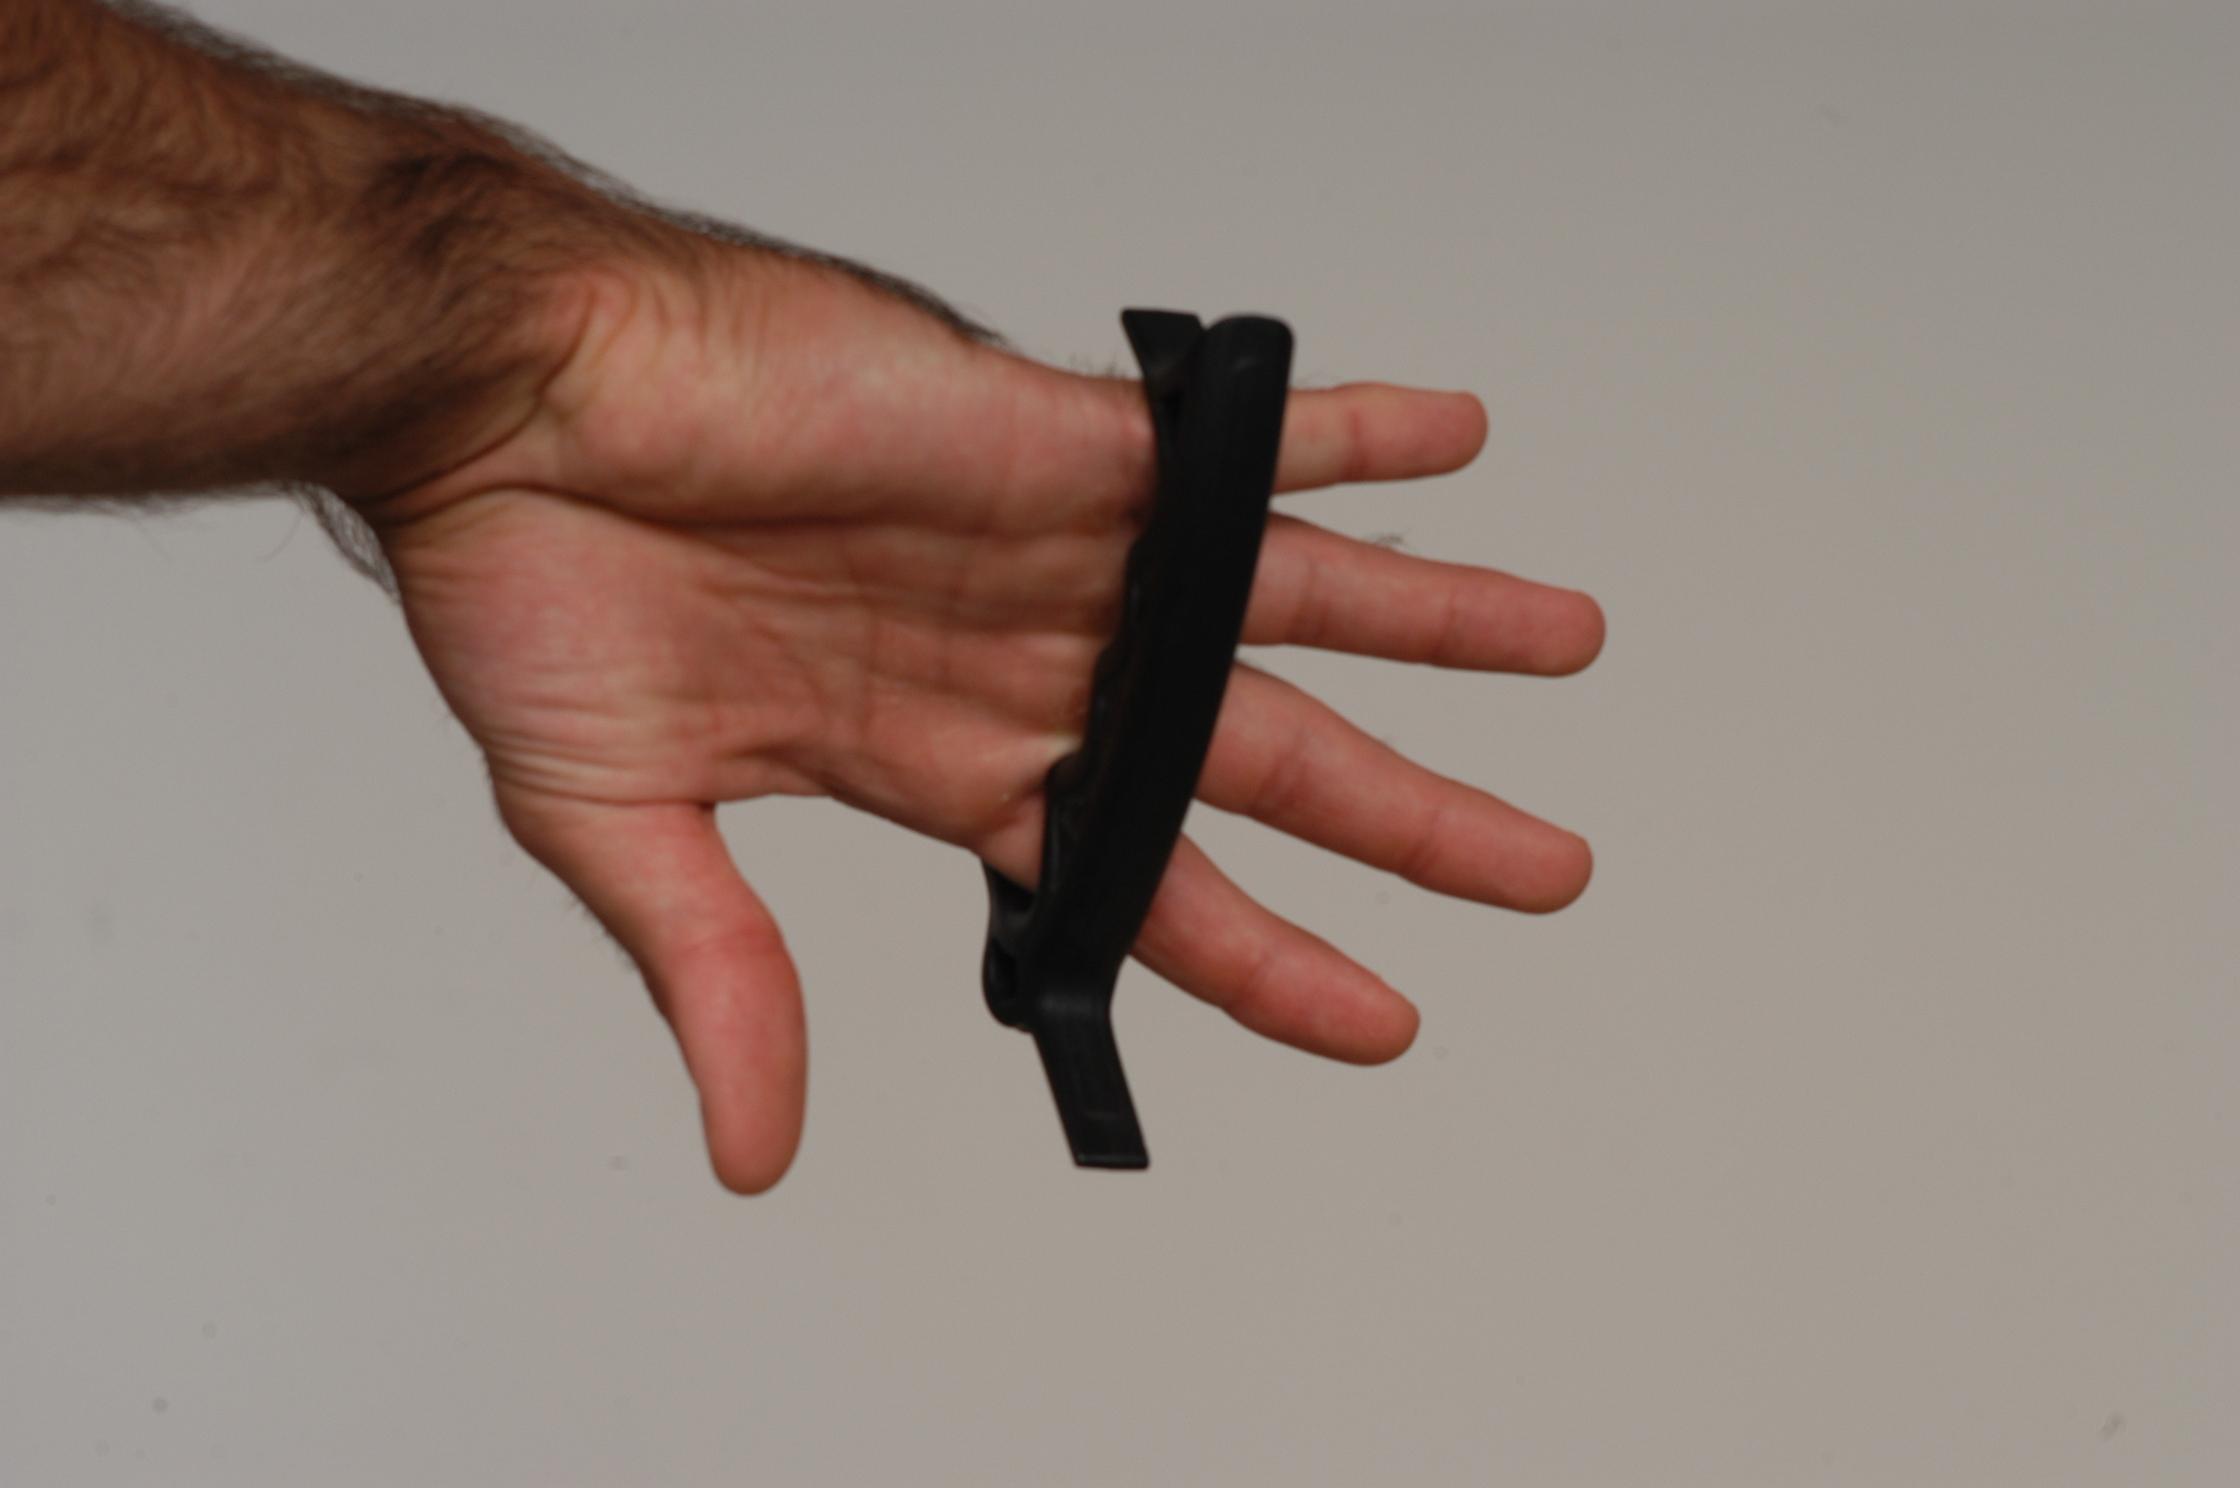 Spikey Open grip